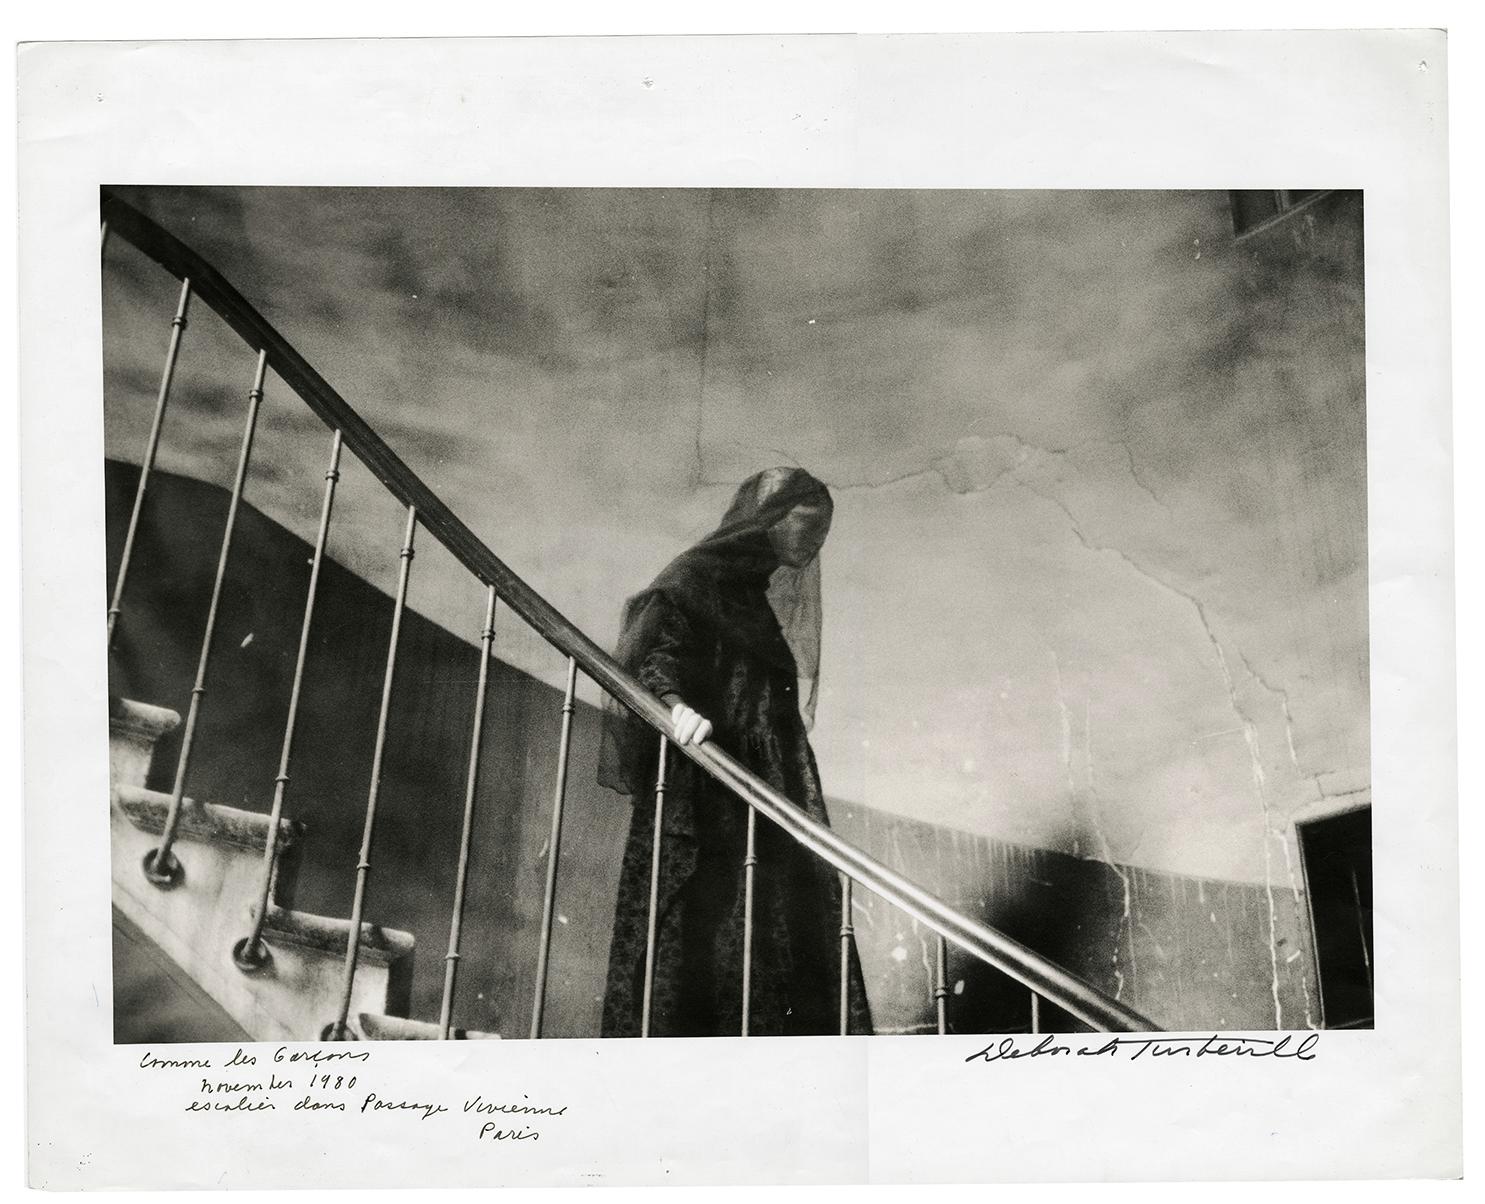 Comme des Garçons, Escalier dans Passage Vivienne, Paris, November 1980 | photograph by Deborah Turbeville